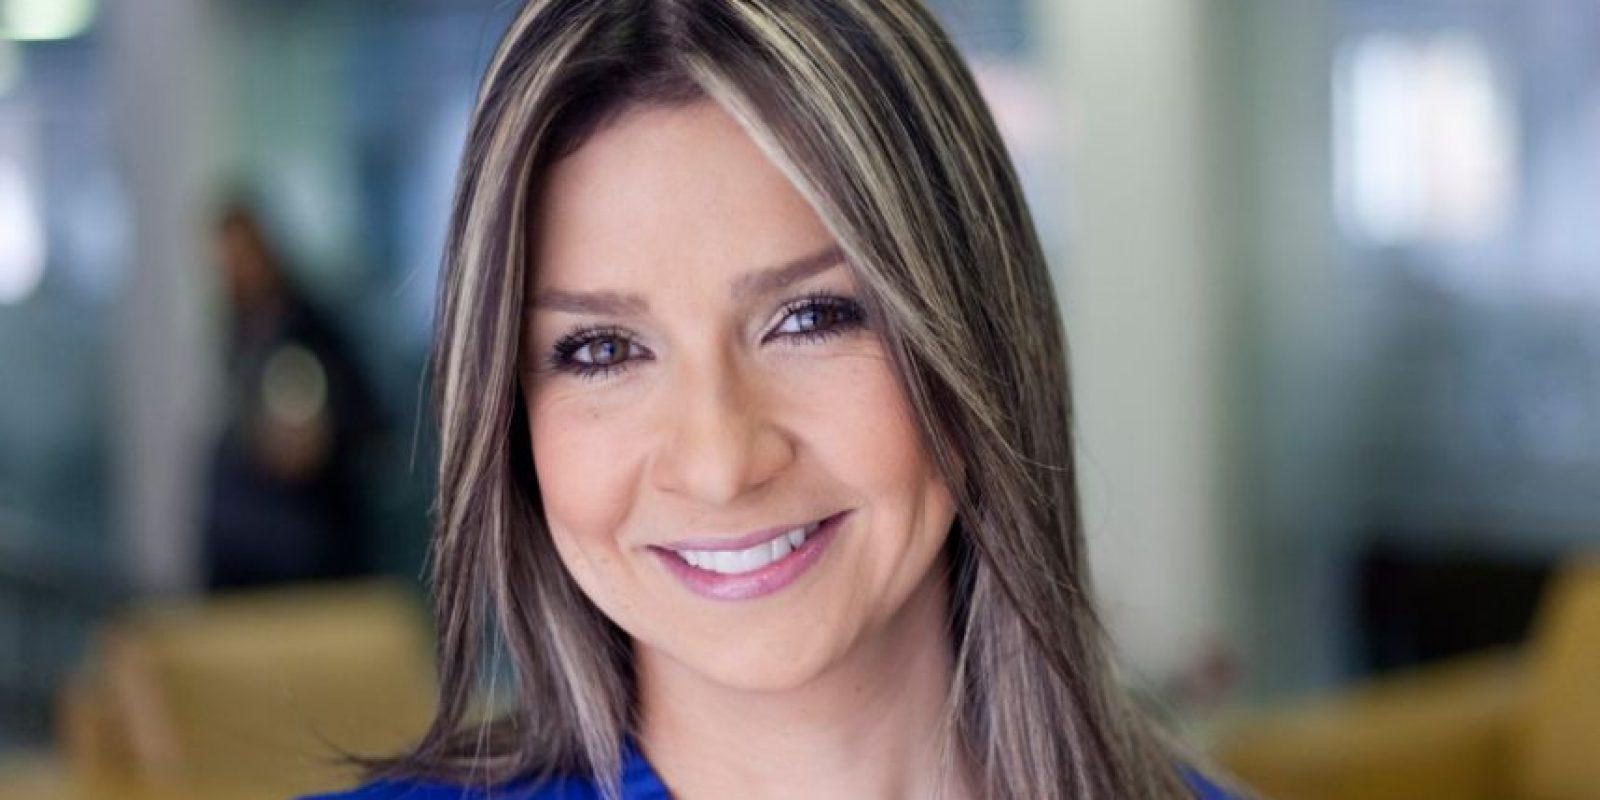 La periodista Vicky Dávila se vinculó a RCN en 1998 y todavía presenta noticias de ese canal.